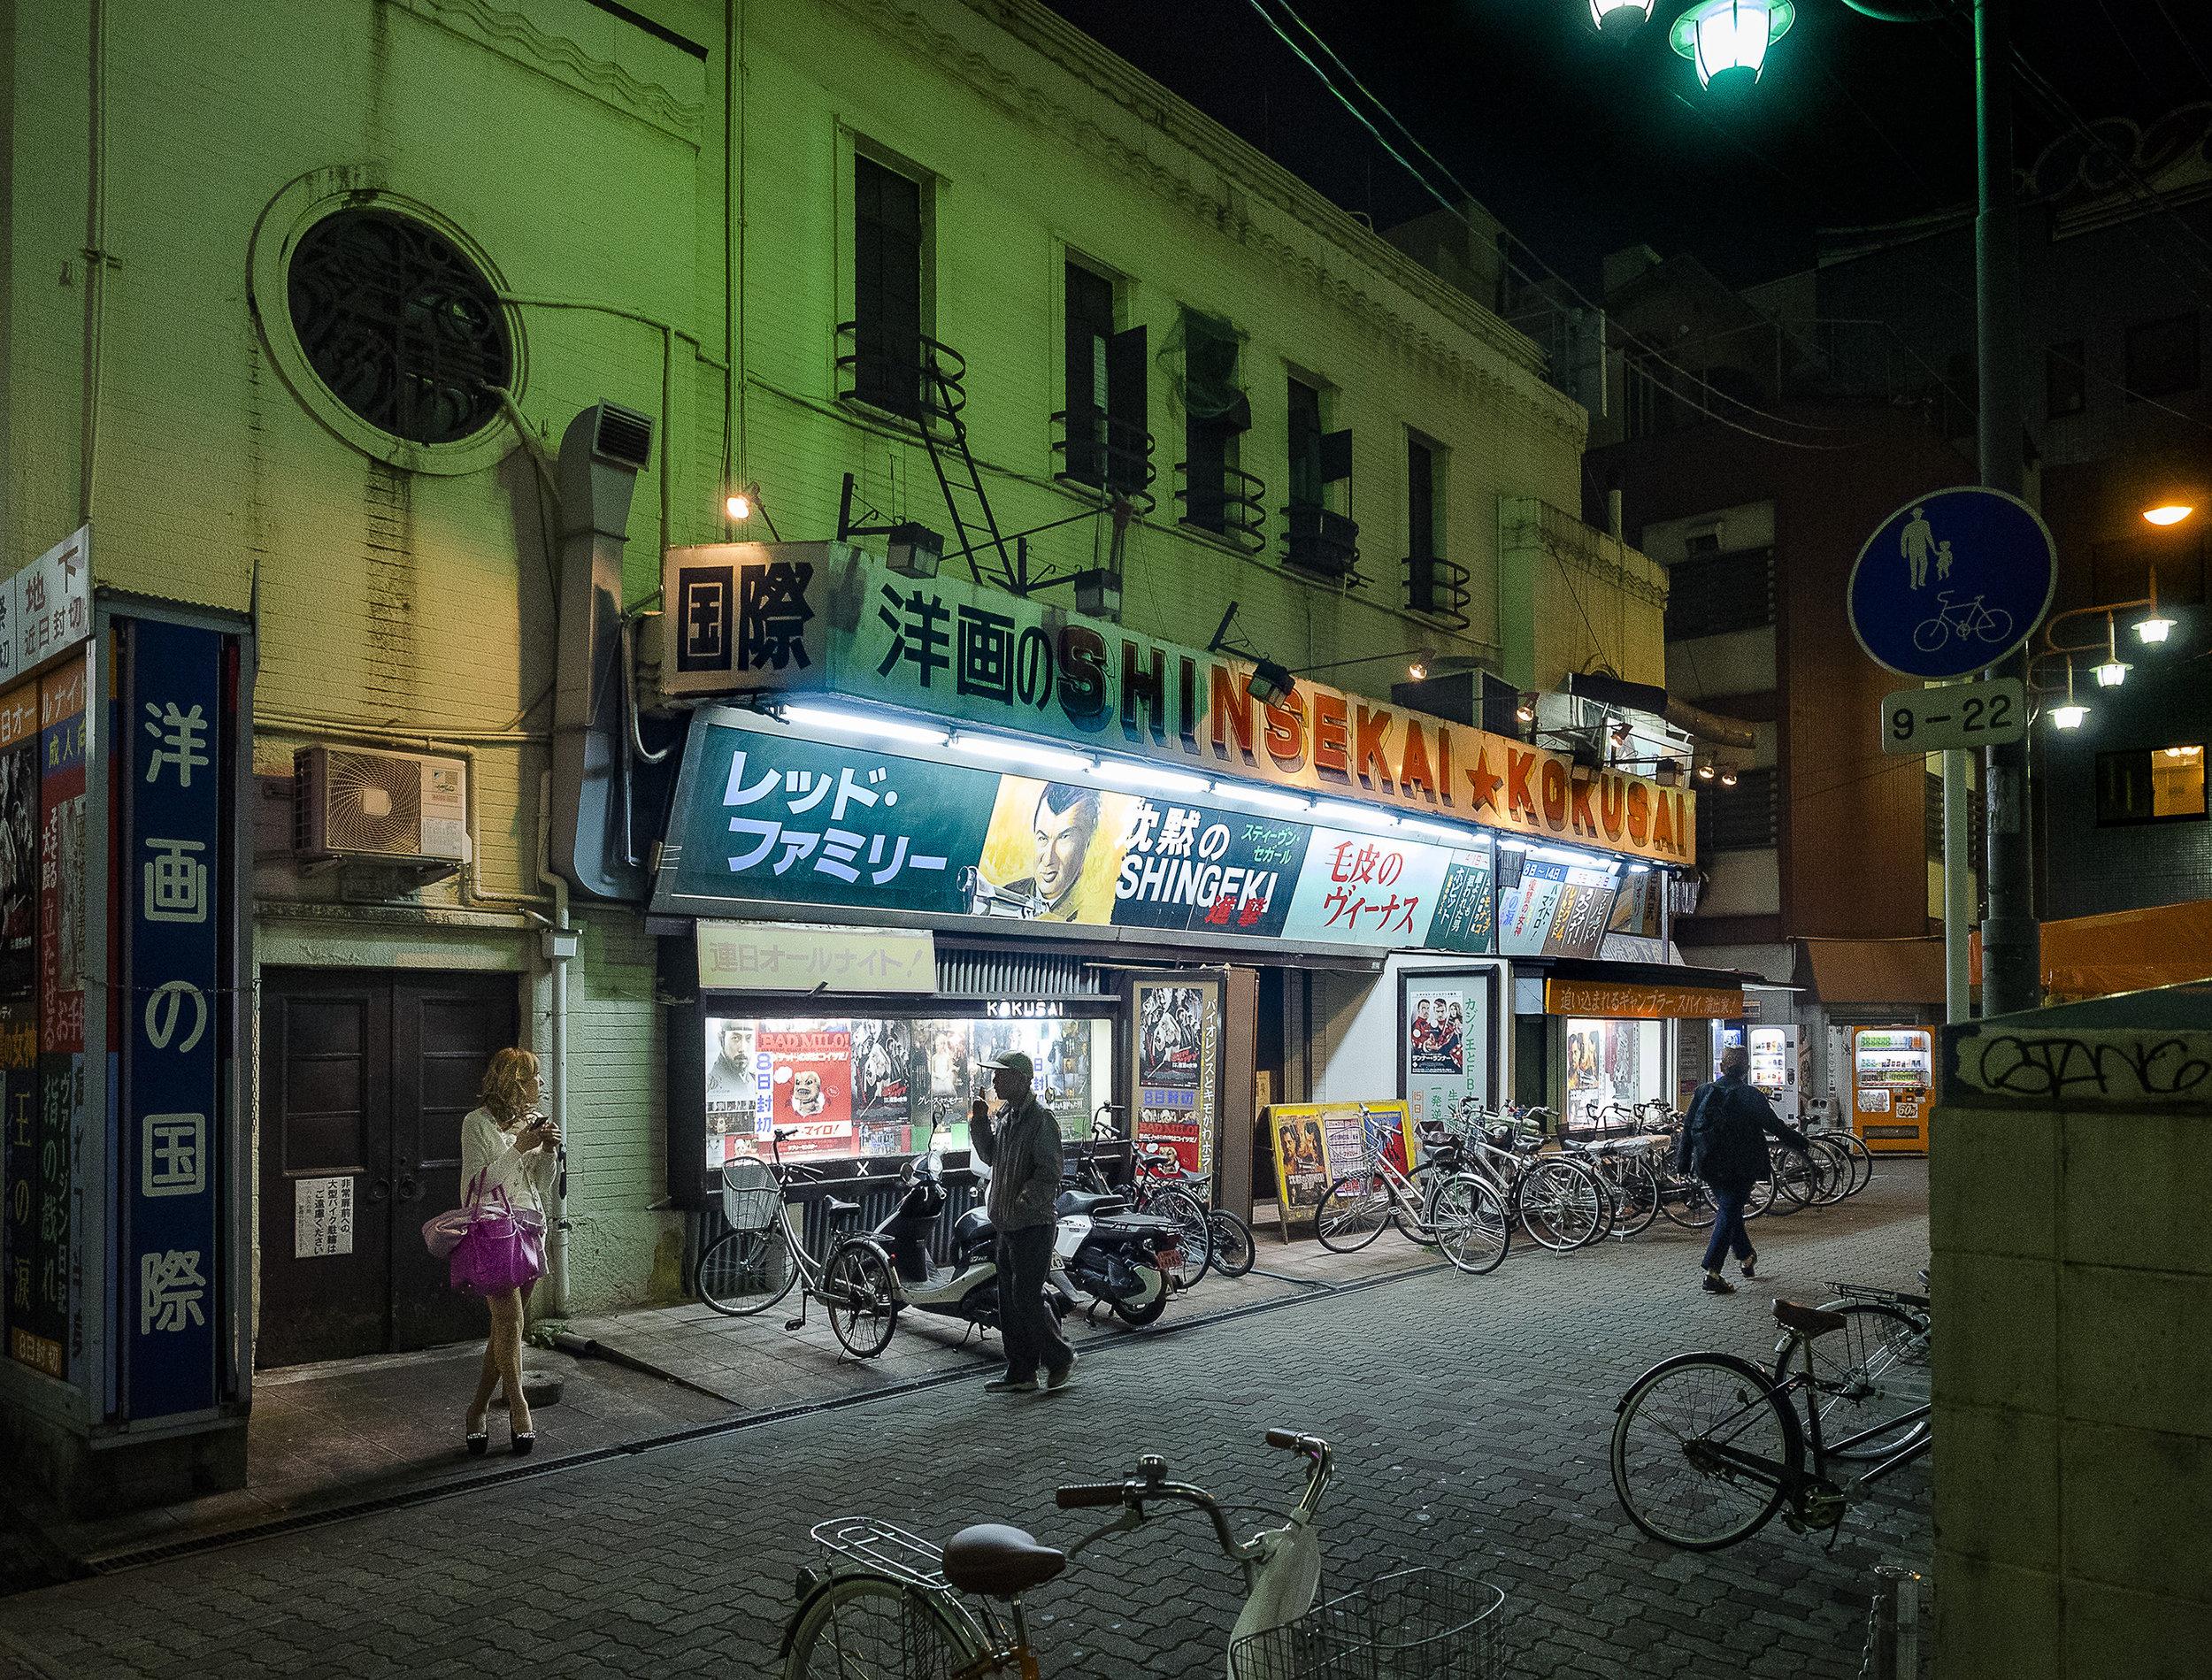 Night_Japan_027.jpg